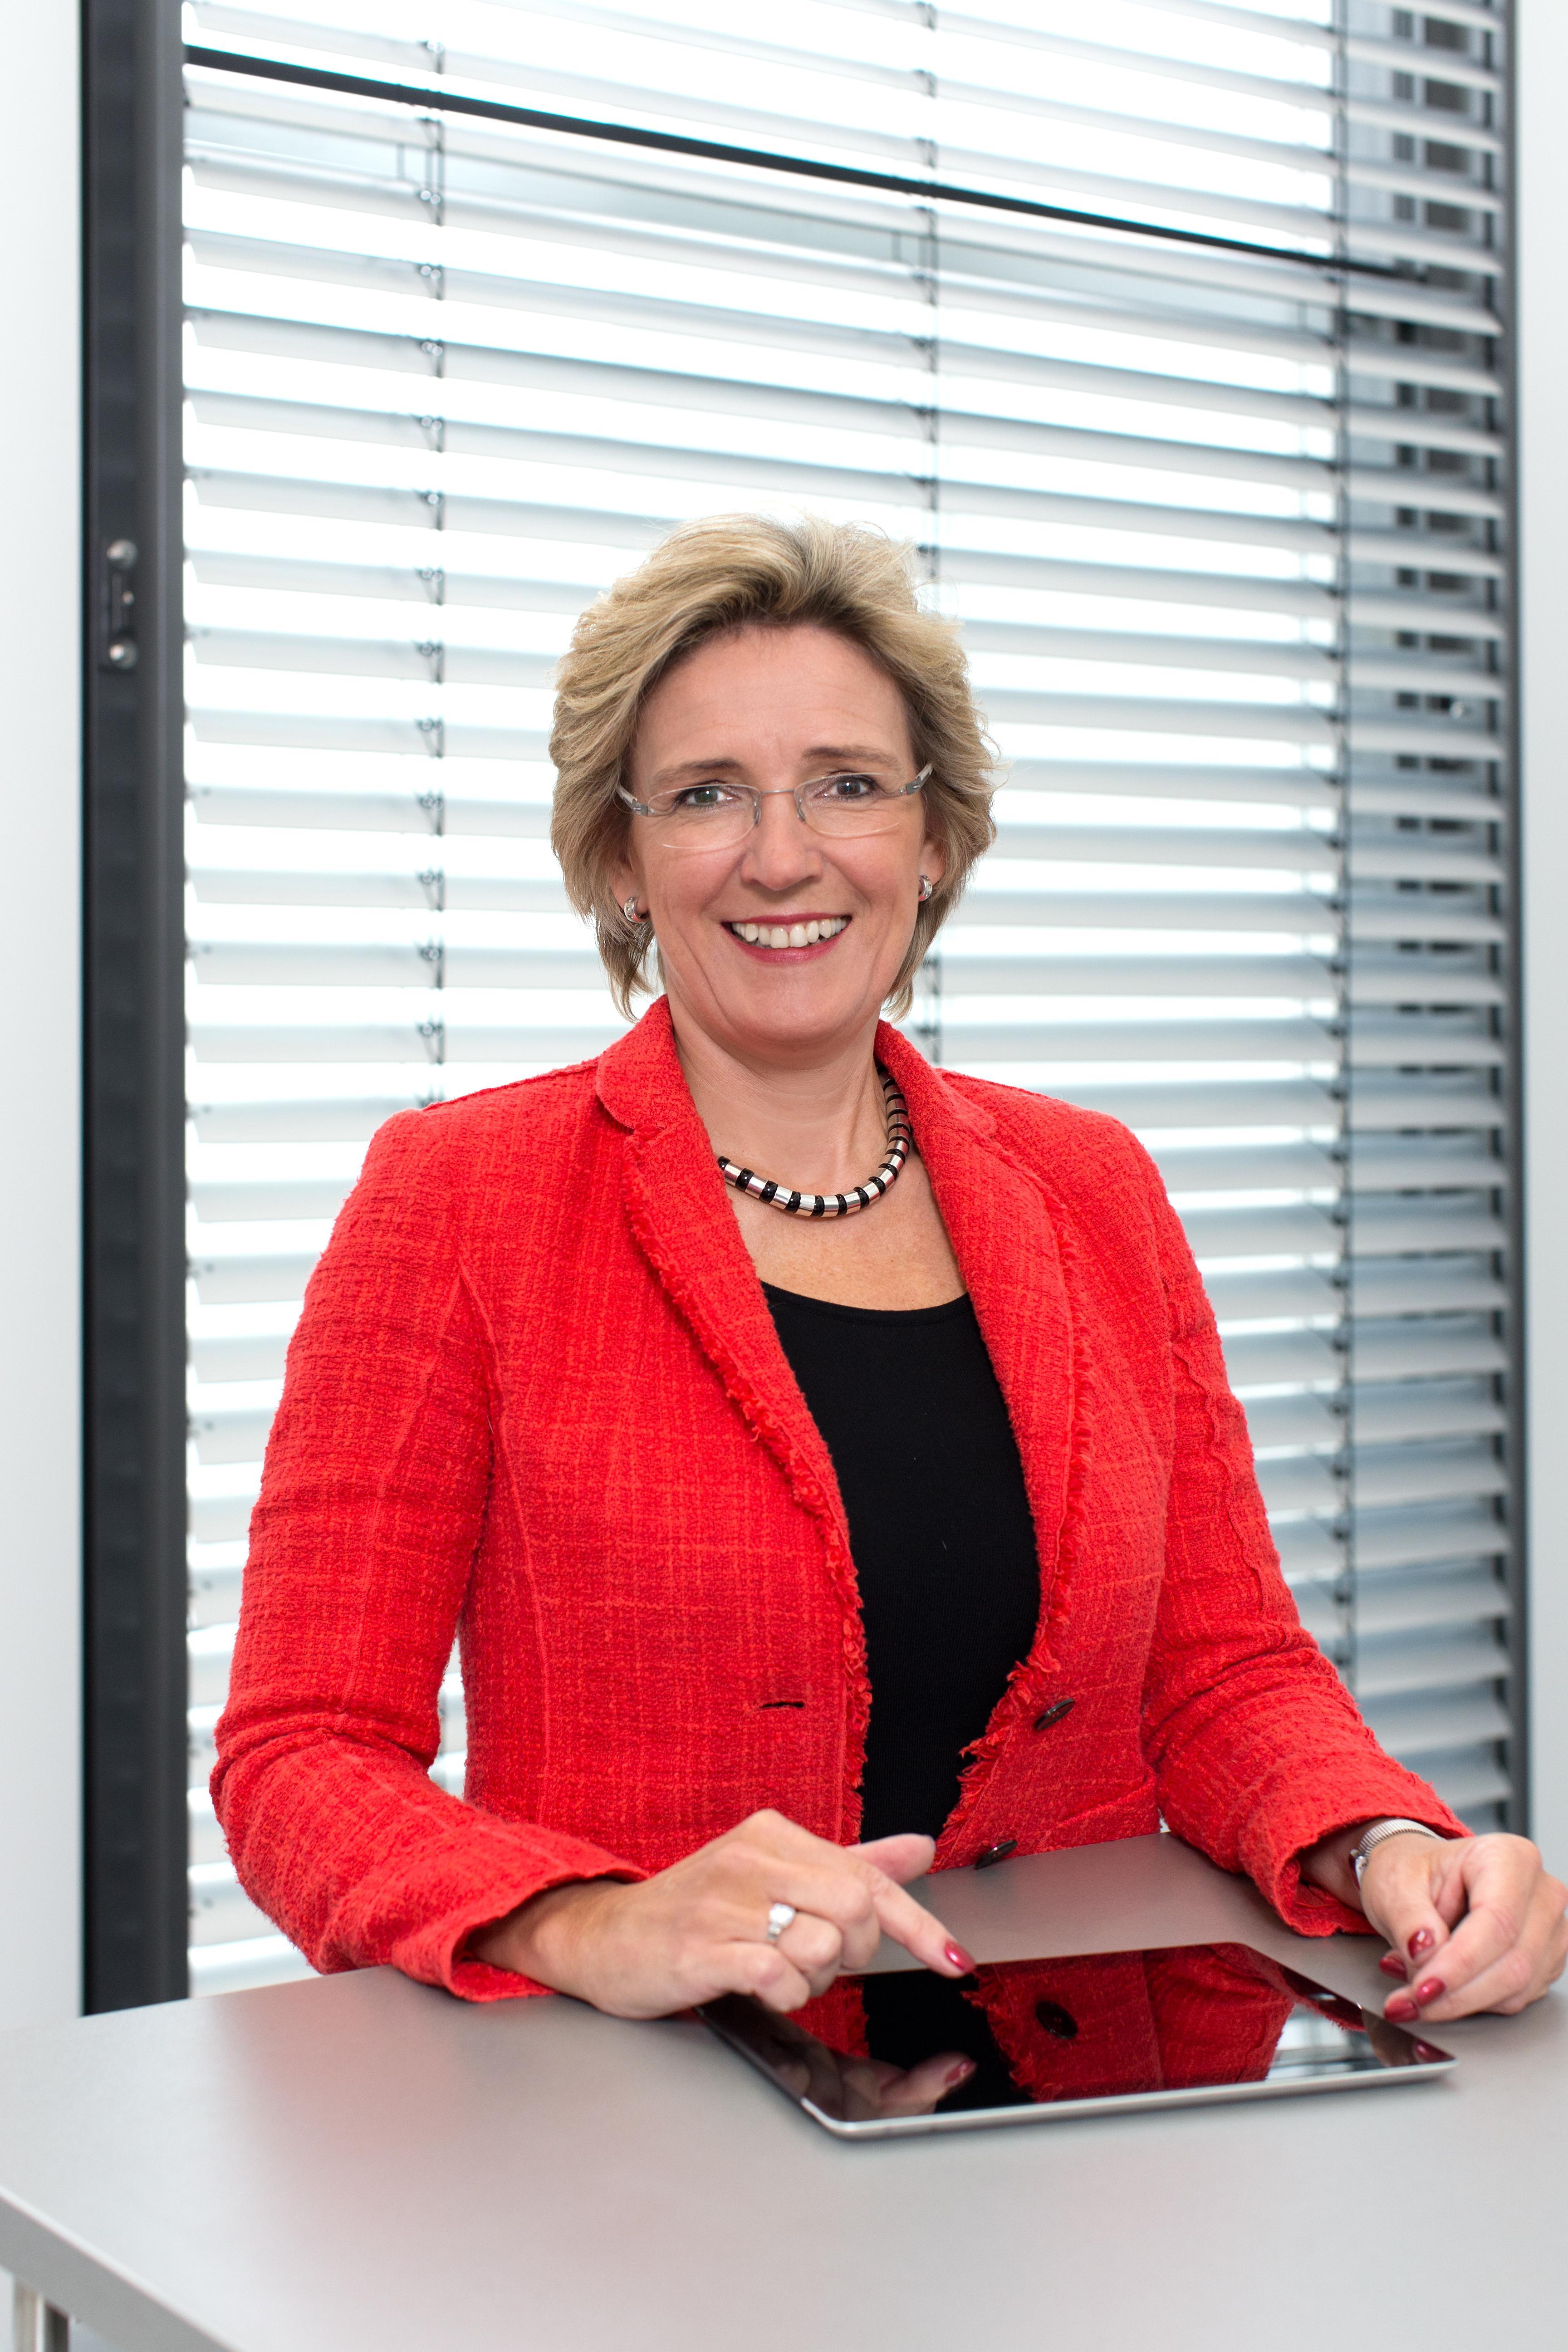 Angelique  Renckhhoff-Mücke leitet Warema seit 15 Jahren. Der deutsche Hidden Champion ist Weltmarktführer für Sonnenschutzsysteme.